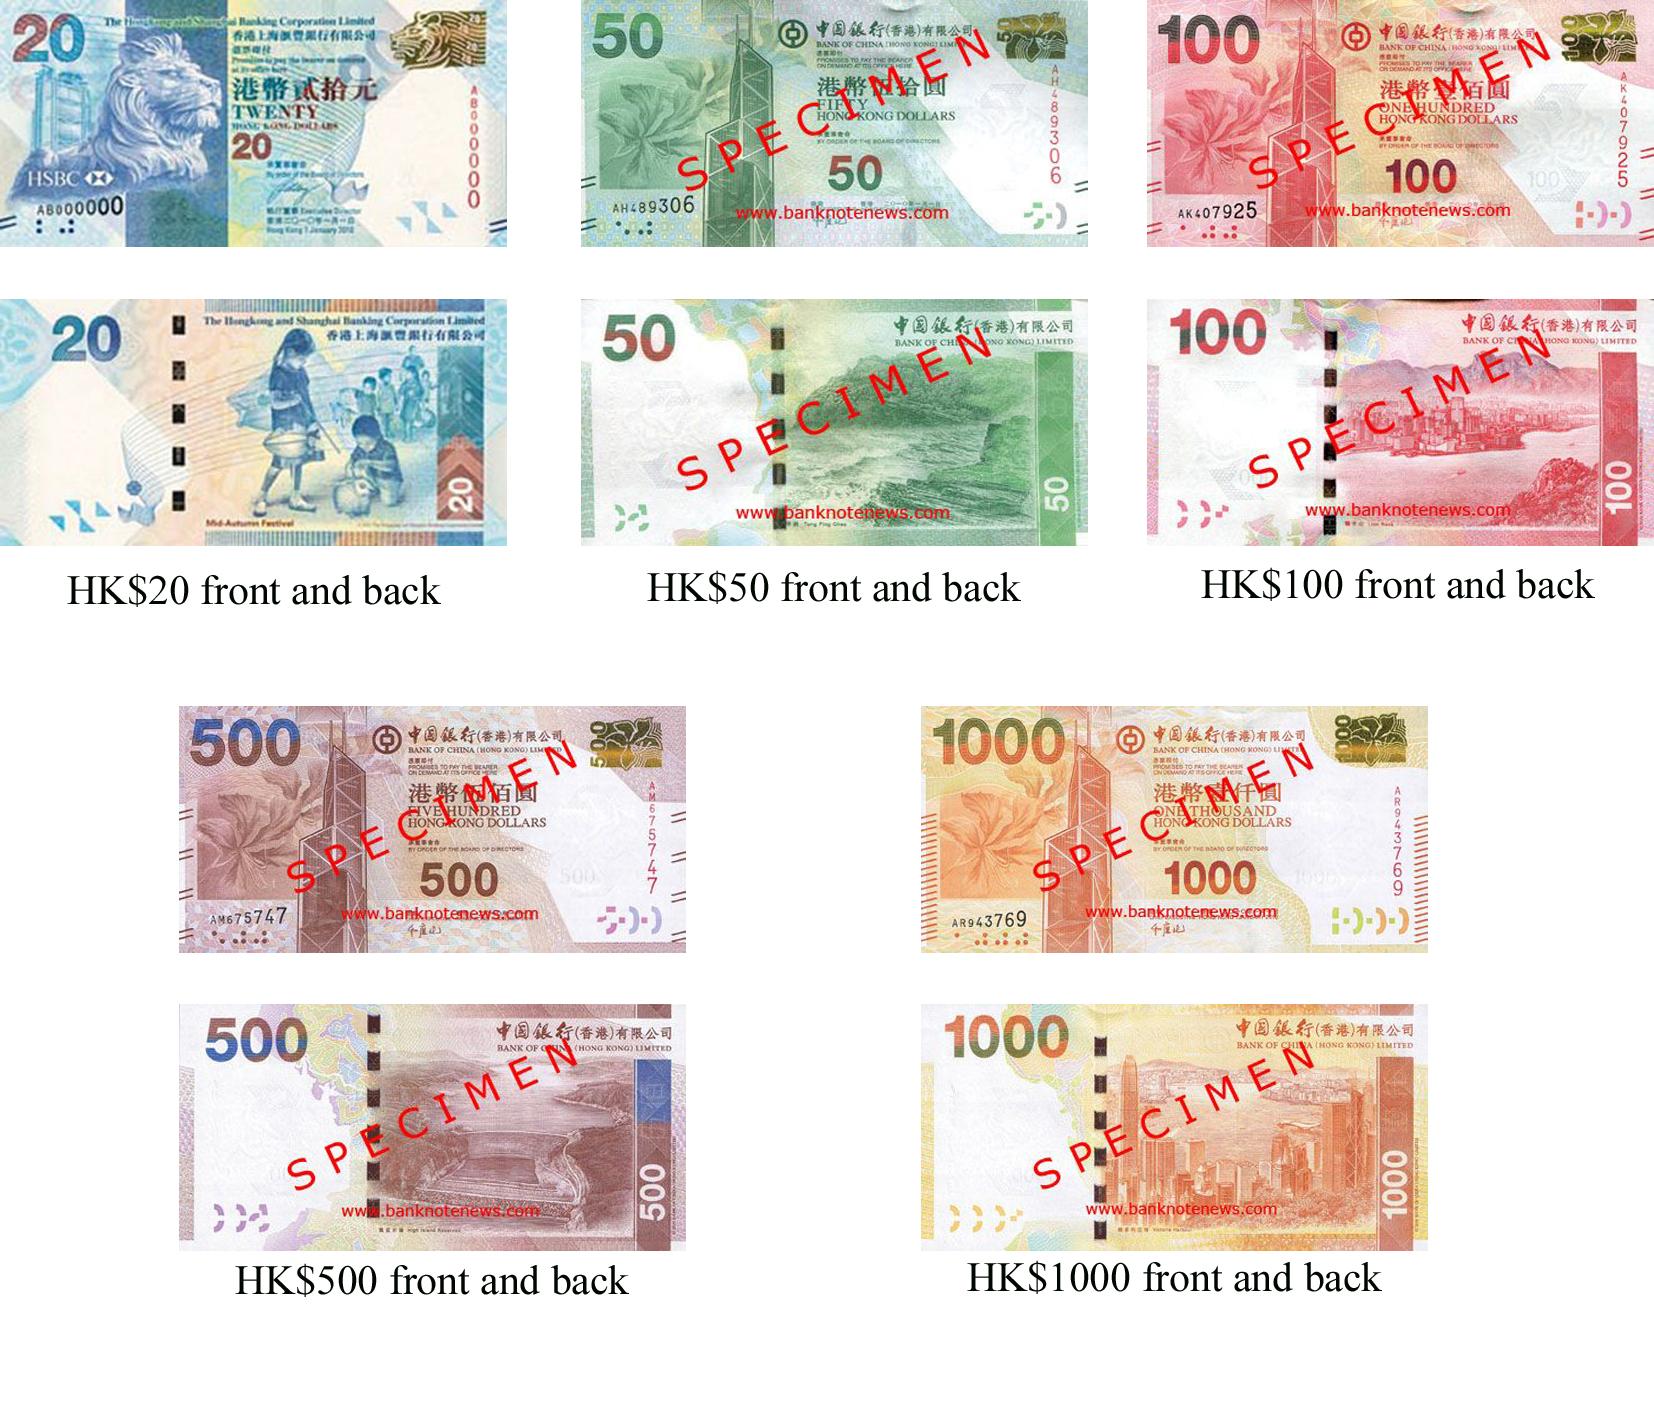 السعر 200 100 Dolar: Carrying HK Dollars